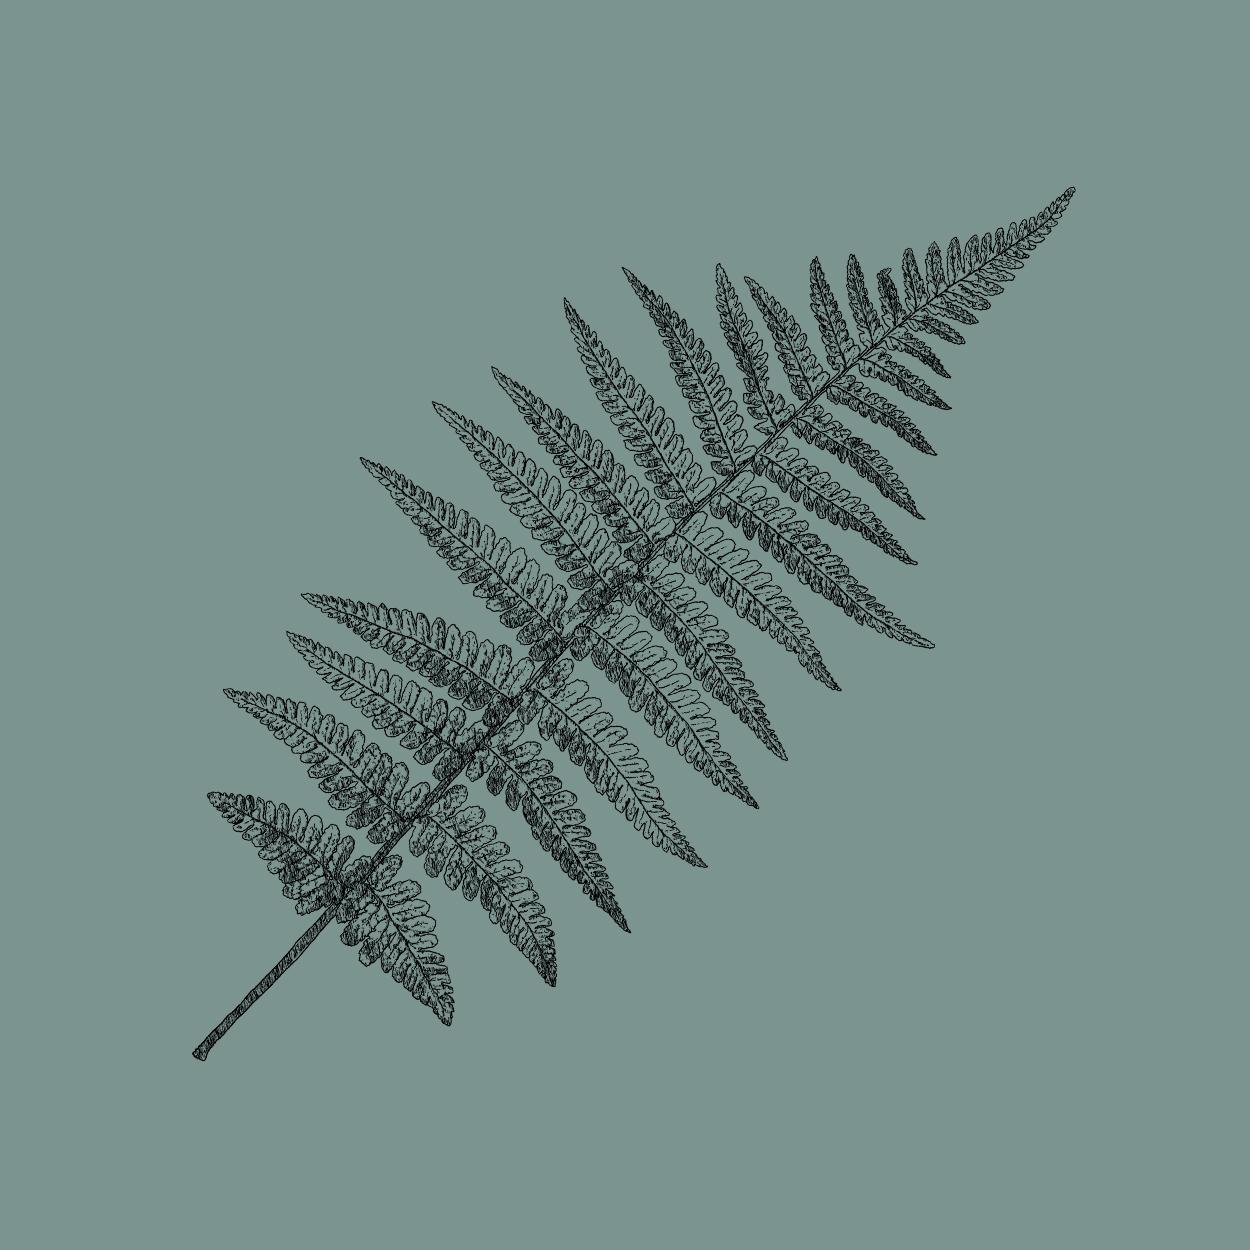 The Bull Bracknell custom fern illustration